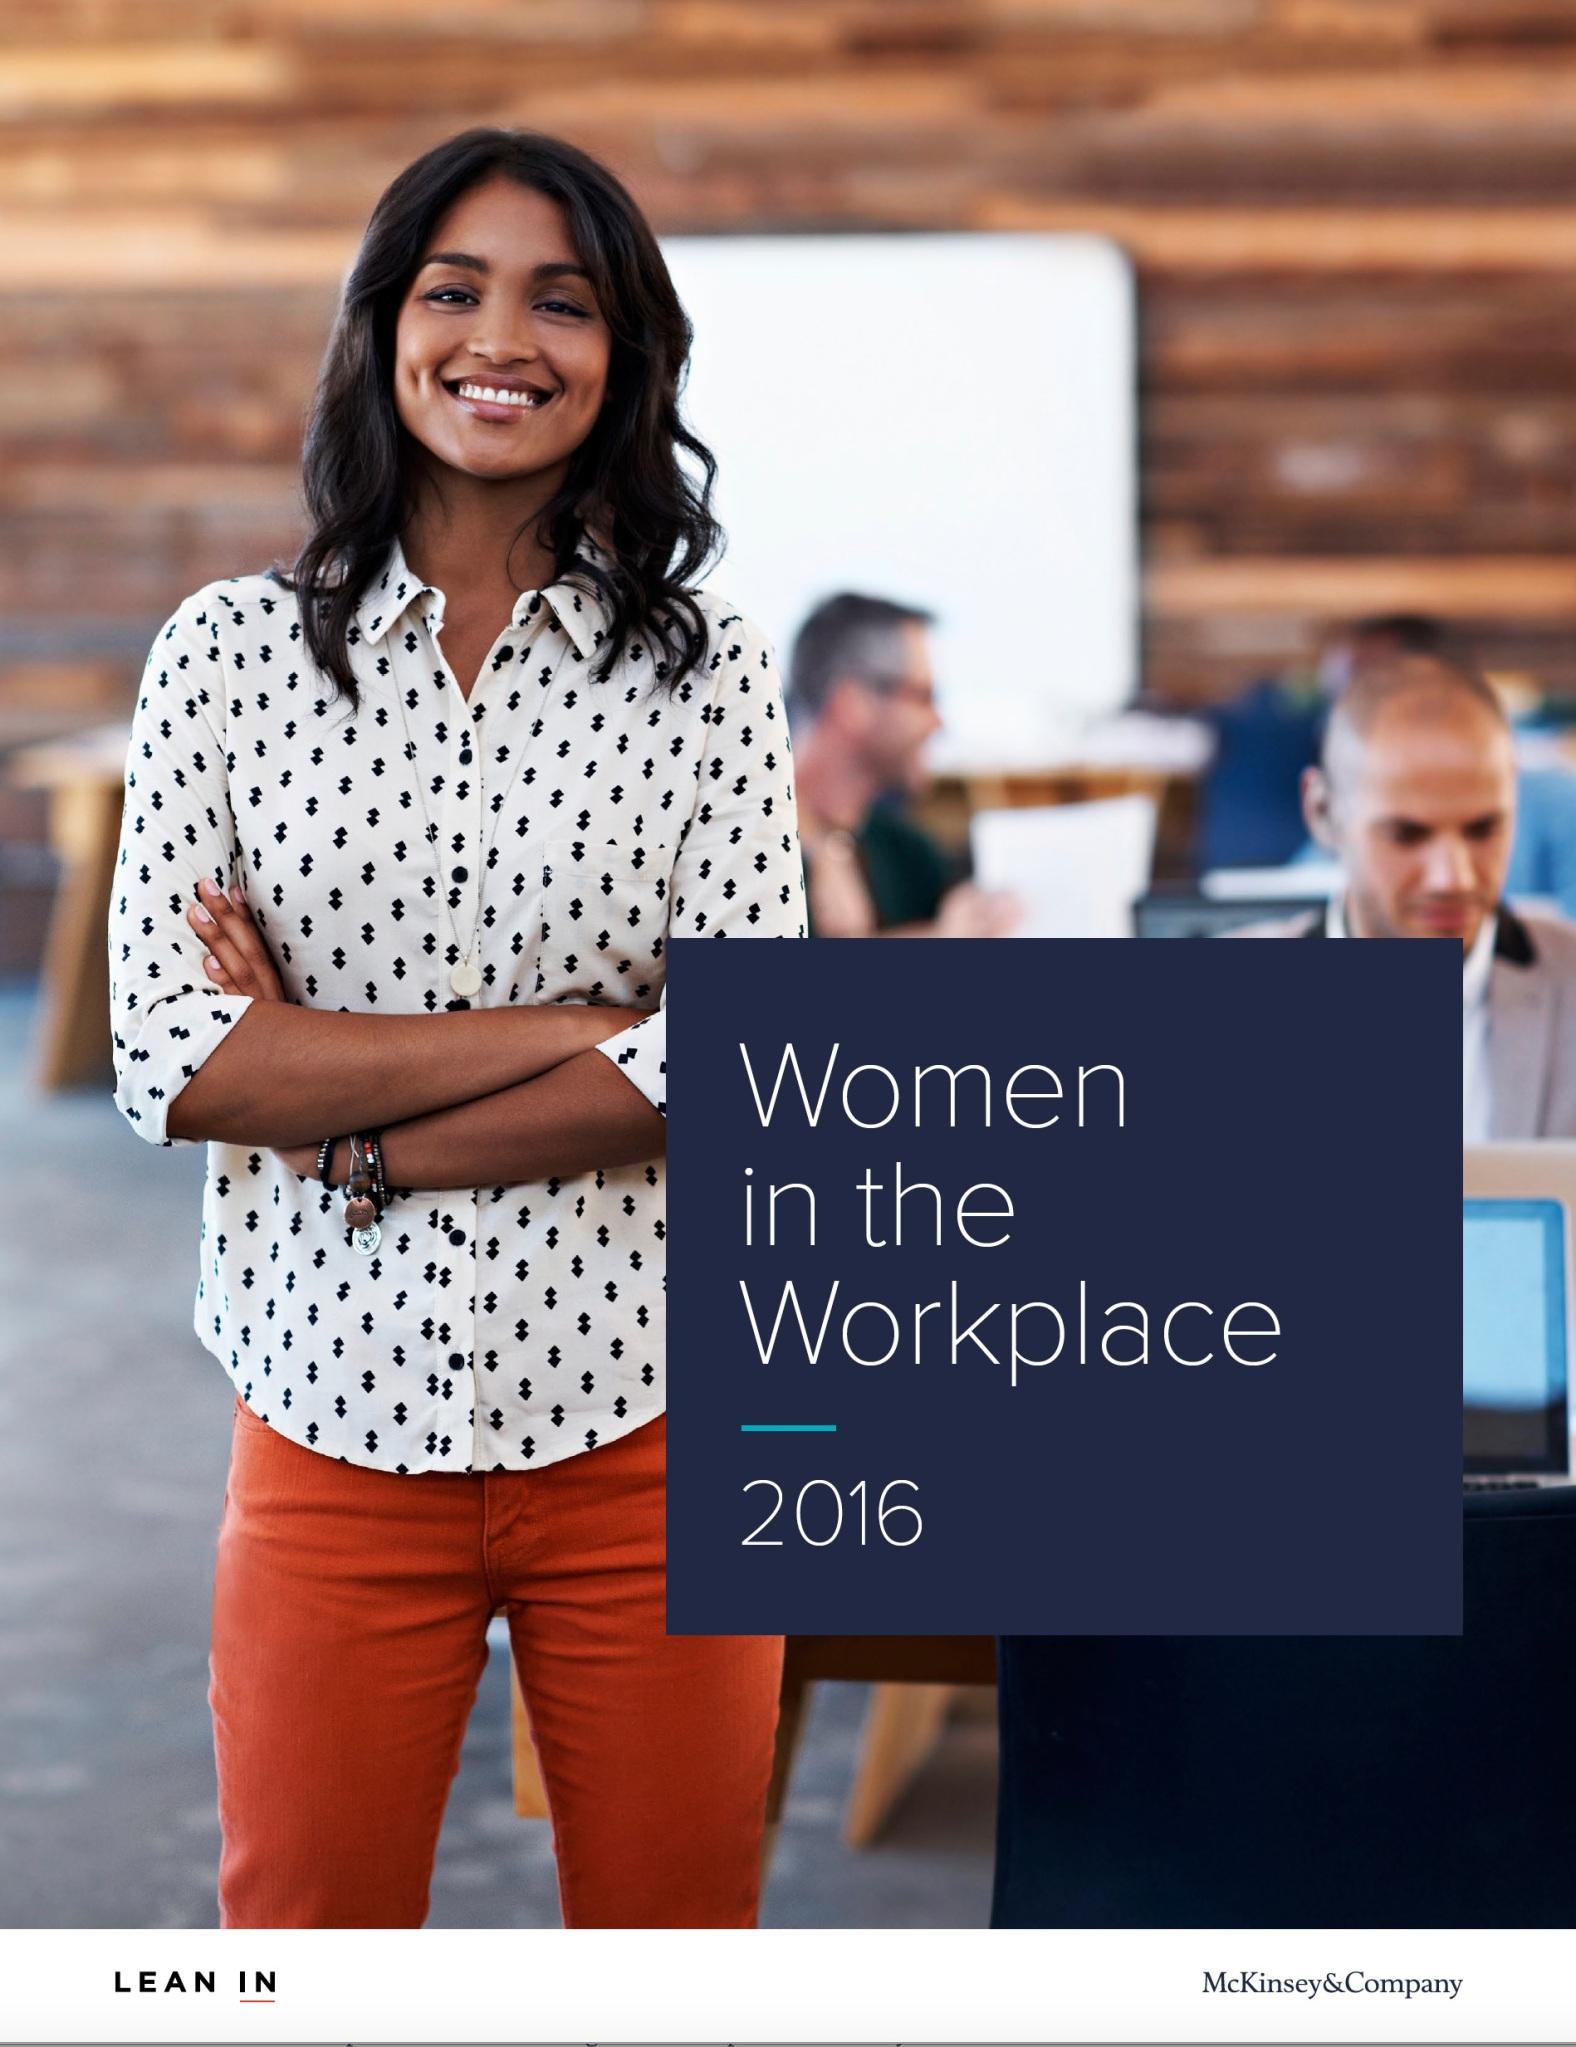 women-in-workplace-2016